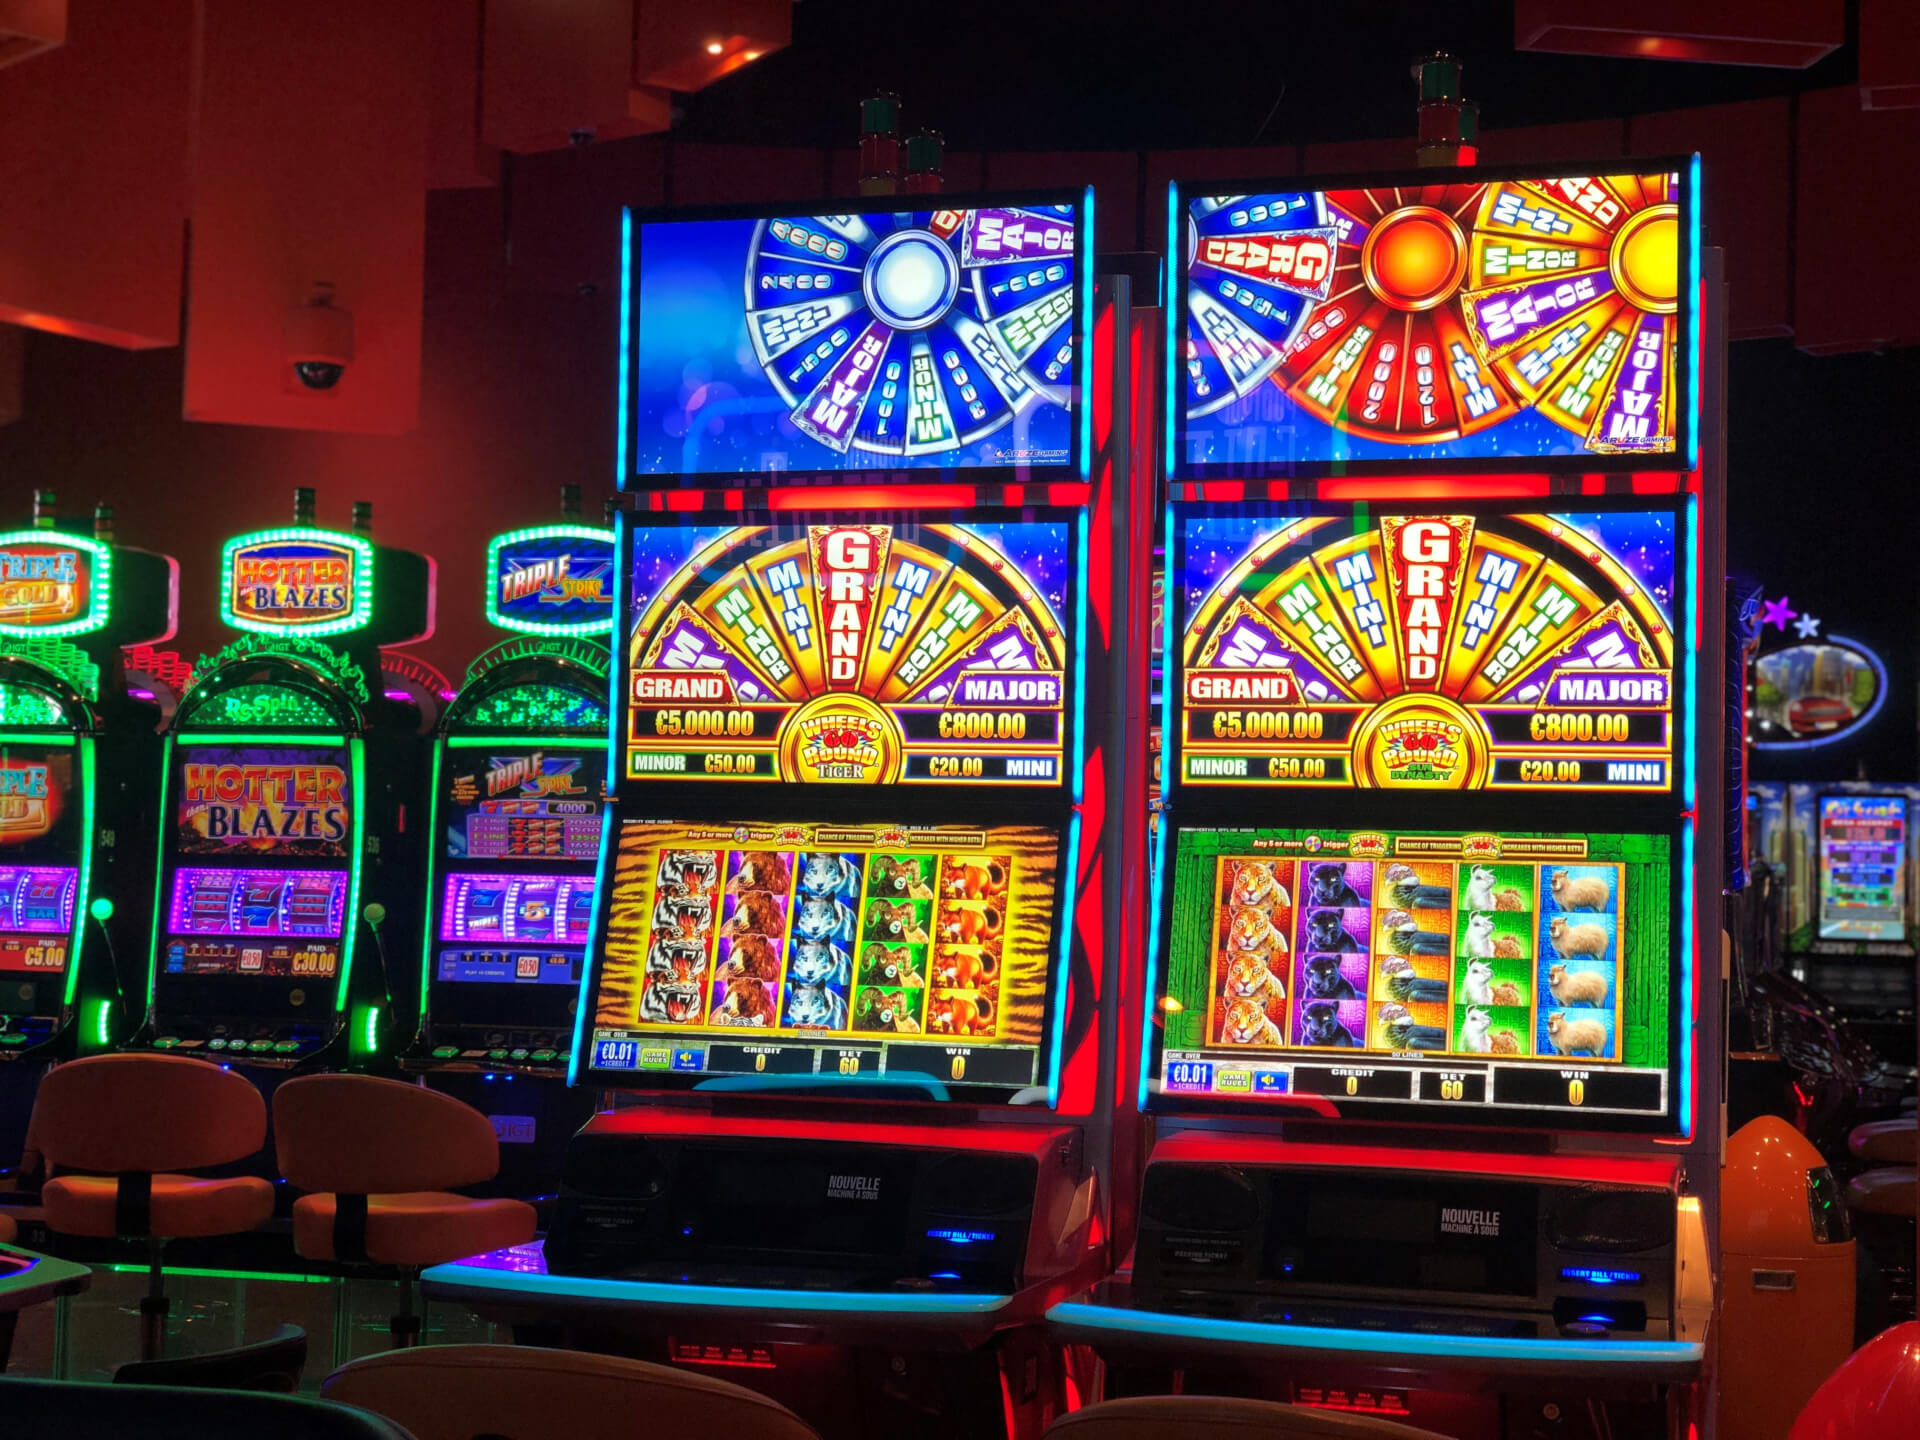 Pougues les eaux casino horaires ballys casino in atlantic city-shows